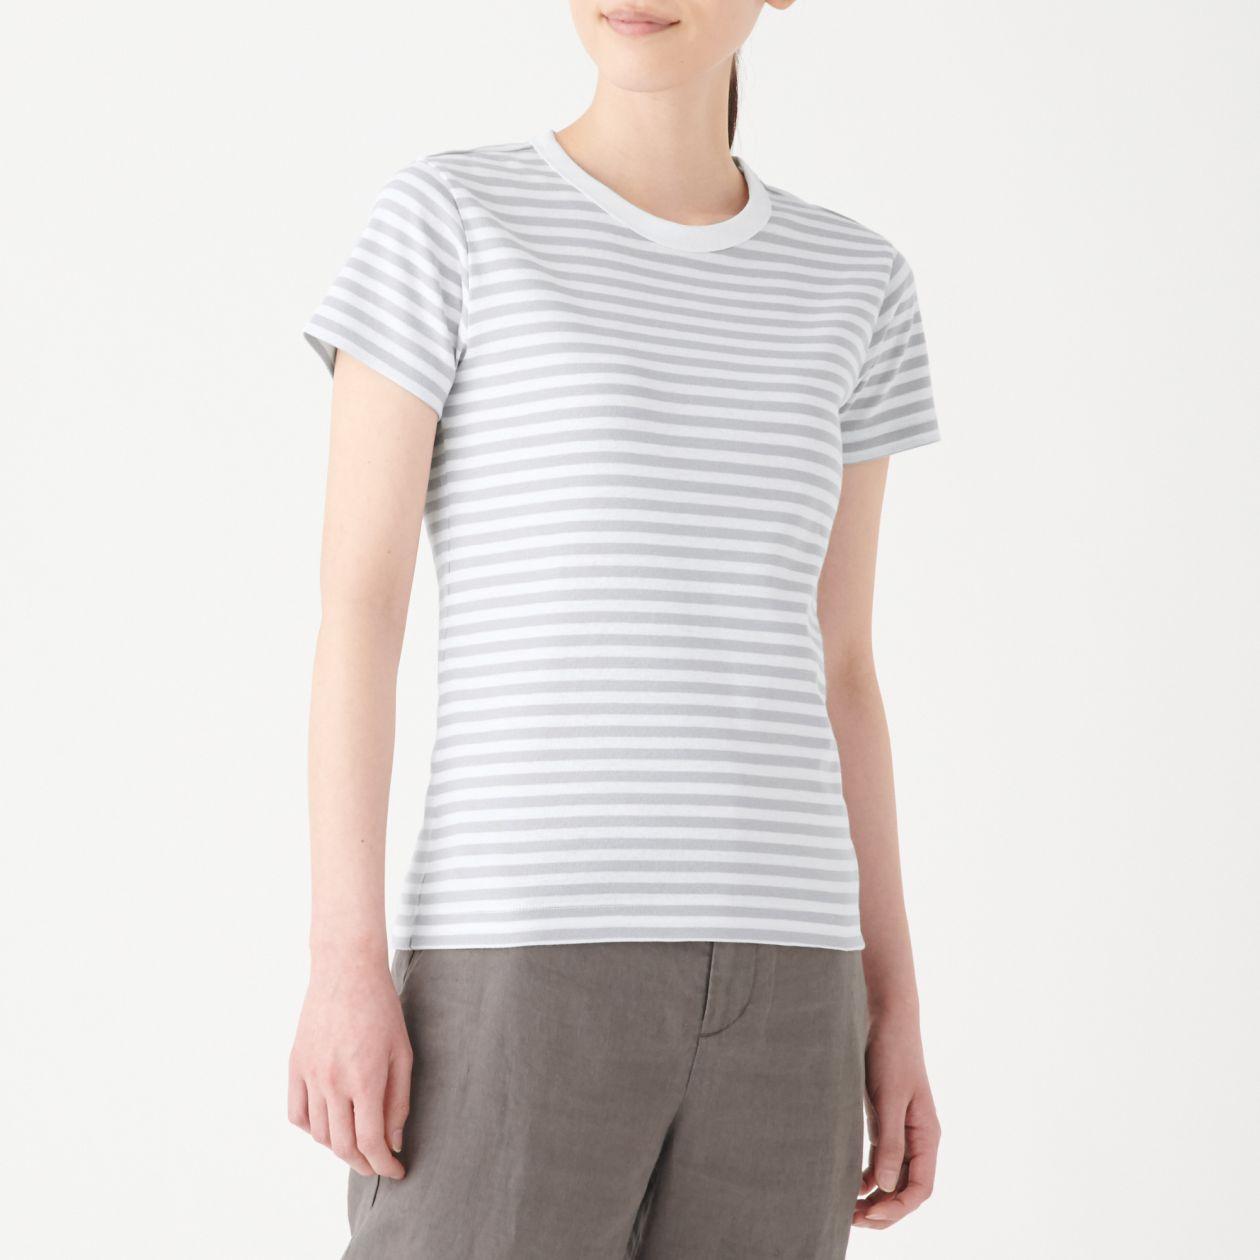 汗じみしにくいフライス編みクルーネック半袖Tシャツ(ボーダー)